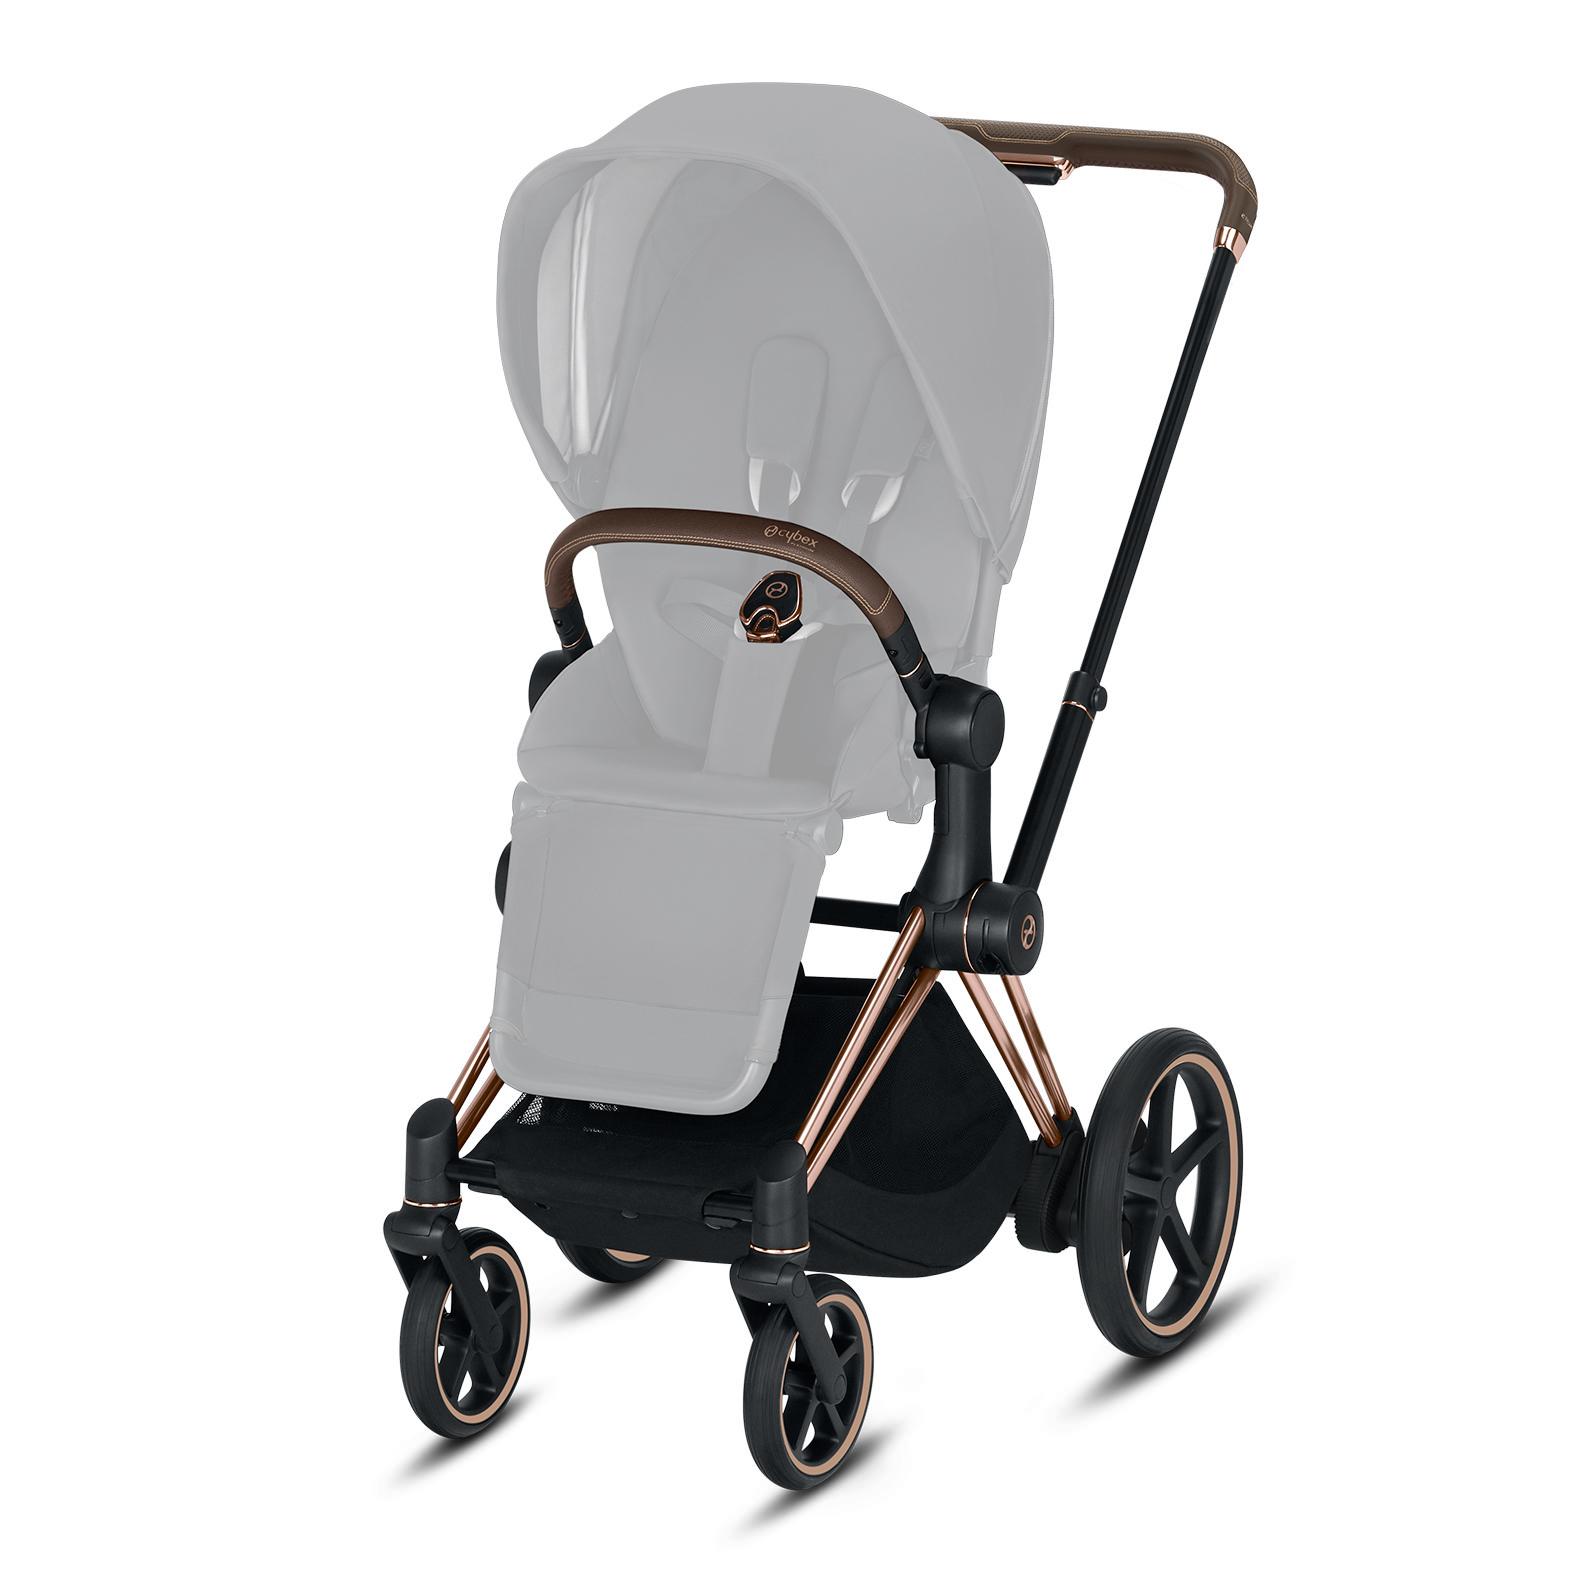 Chasis-e-PRIAM-Cybex-rosegold carritos de bebé - Chasis e PRIAM Cybex rosegold - Carritos de bebé